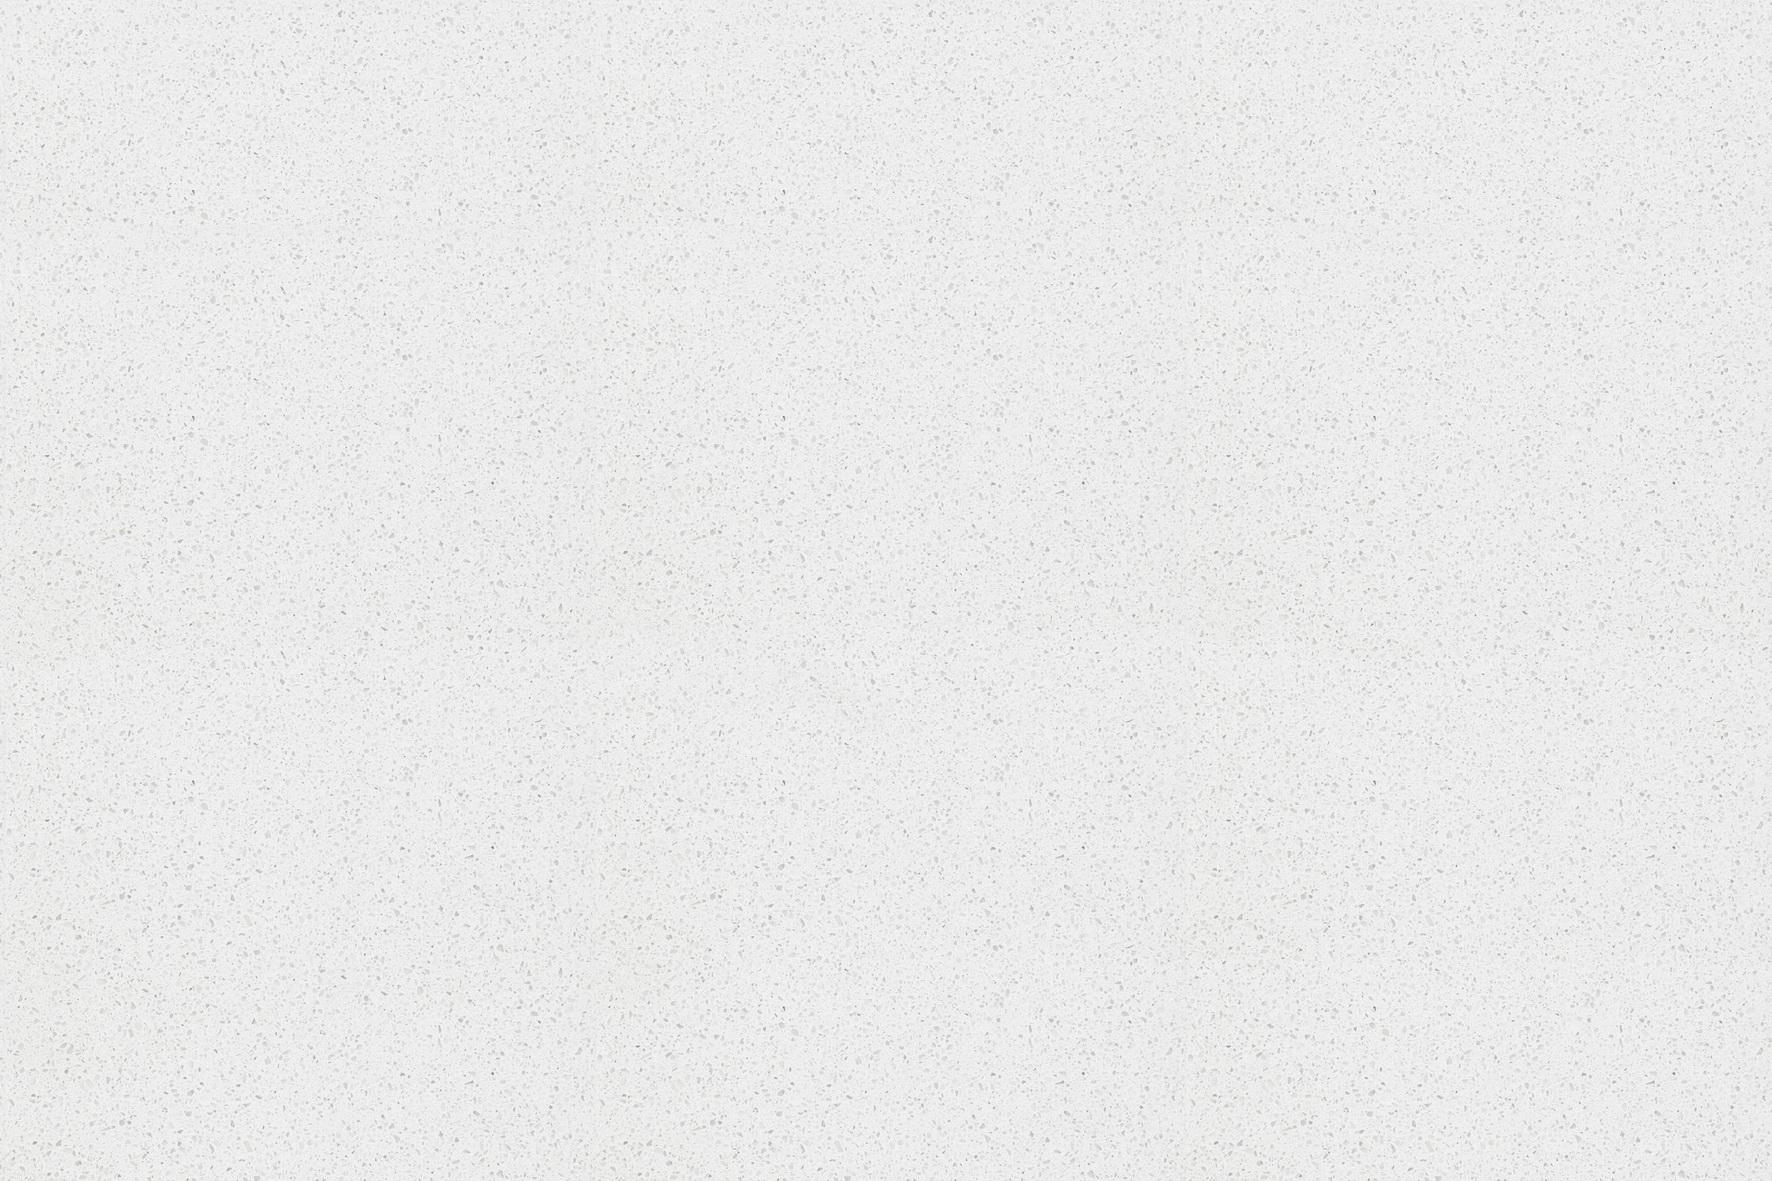 ARCTIC WHITE-UNIPLUS - UNIPLUS-LUCIDE